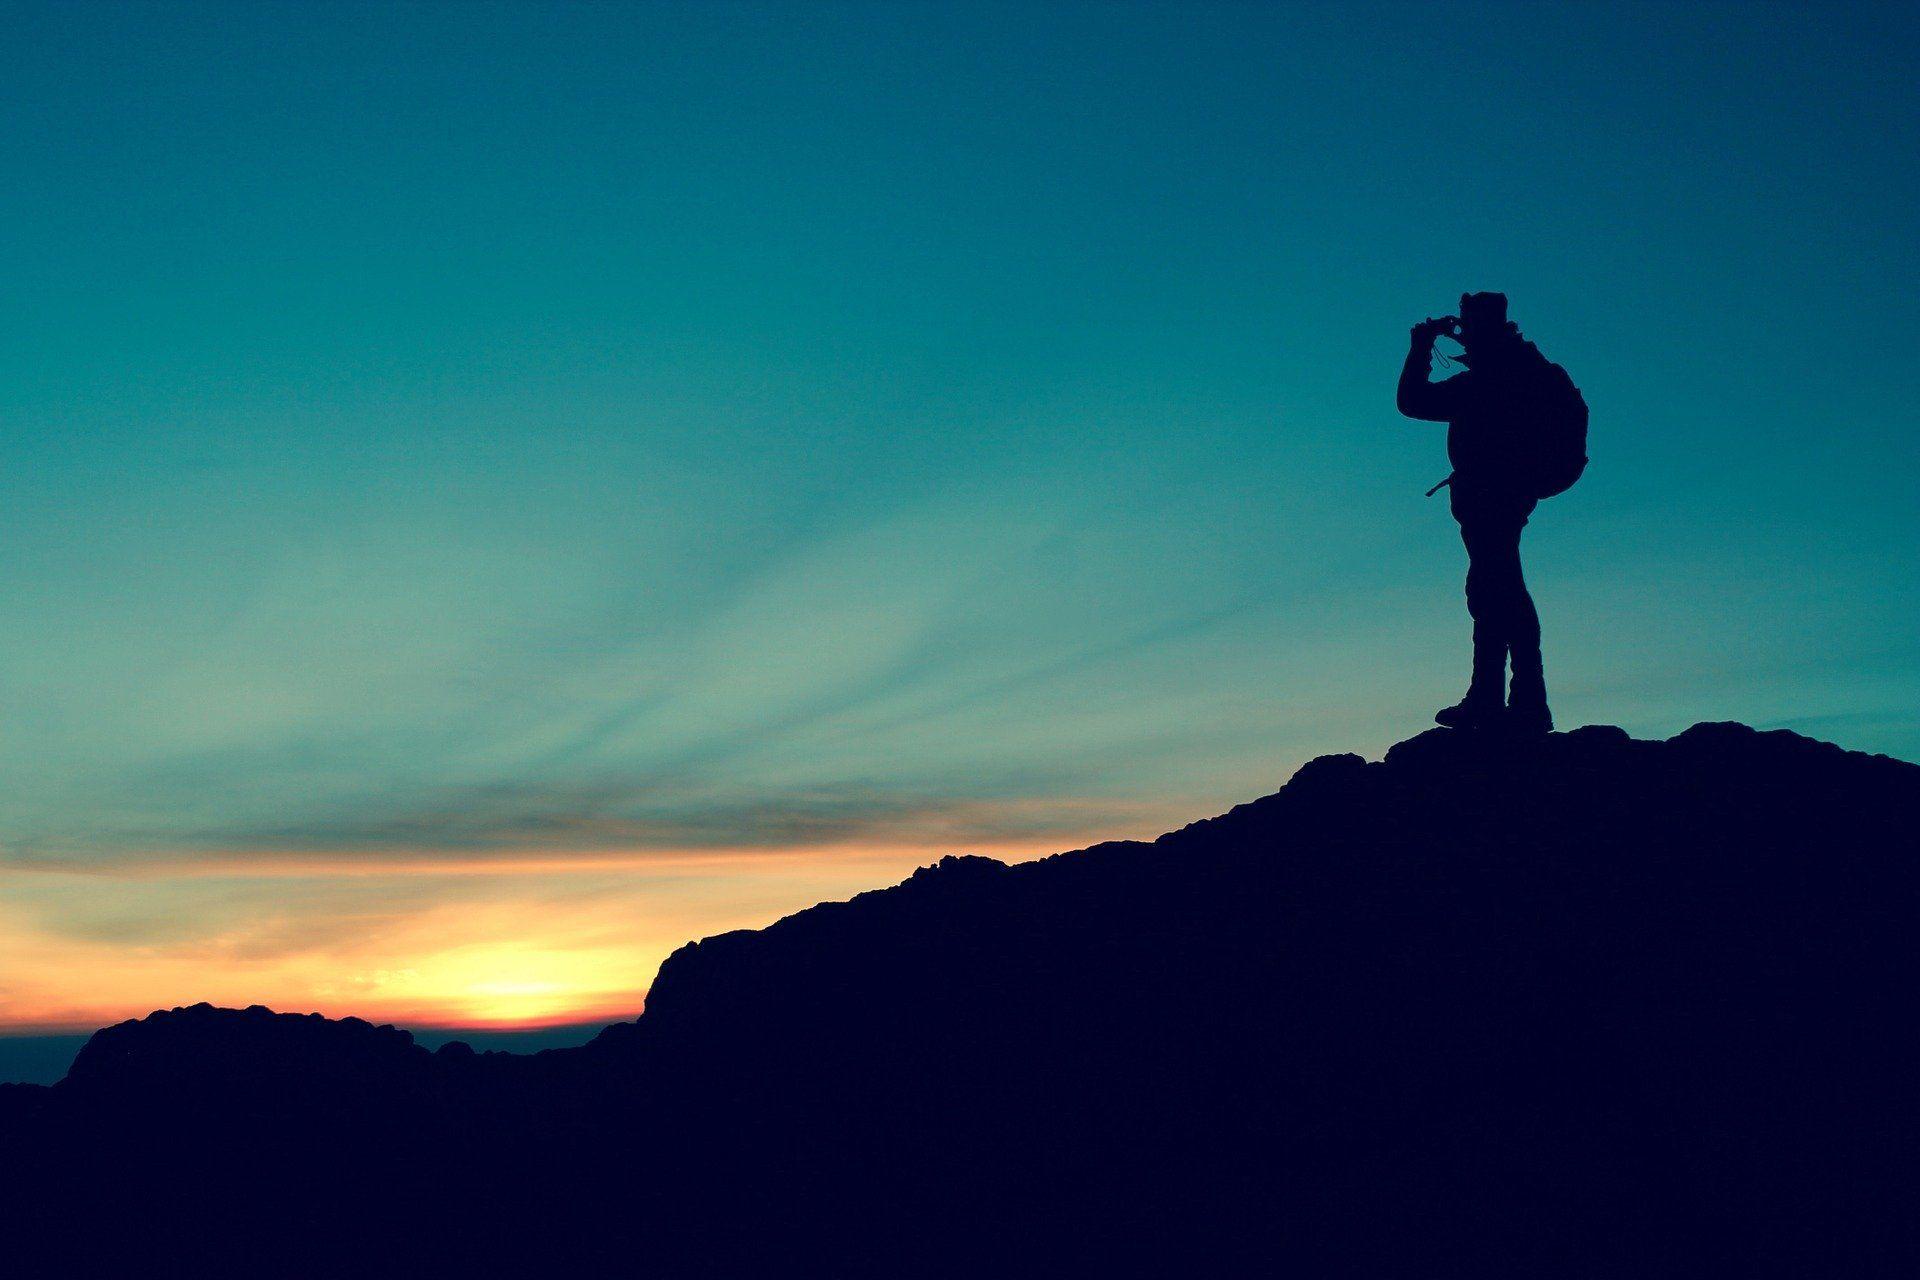 """Arranca """"Encuentros viajeros"""", el ciclo de conferencias para conversar sobre periodismo y viajes"""